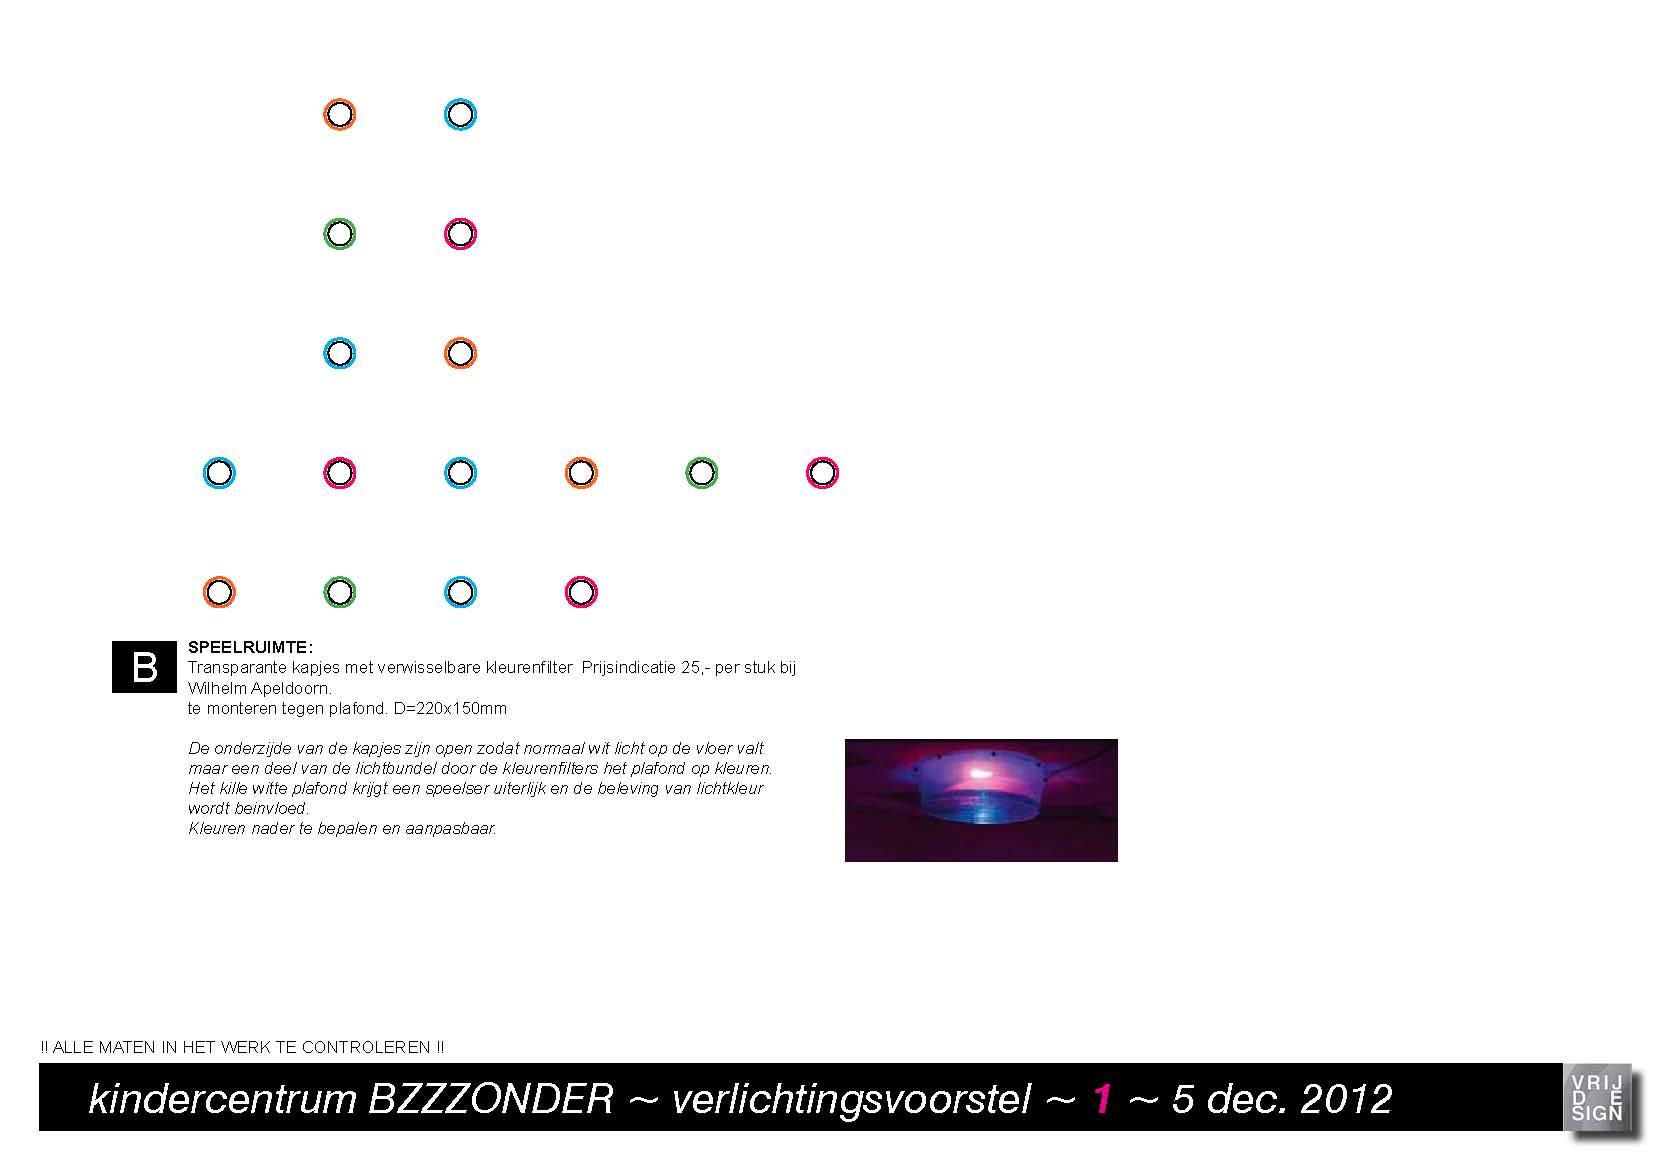 verlichtings ideeen - 5 dec 2012 (1)_Page_2